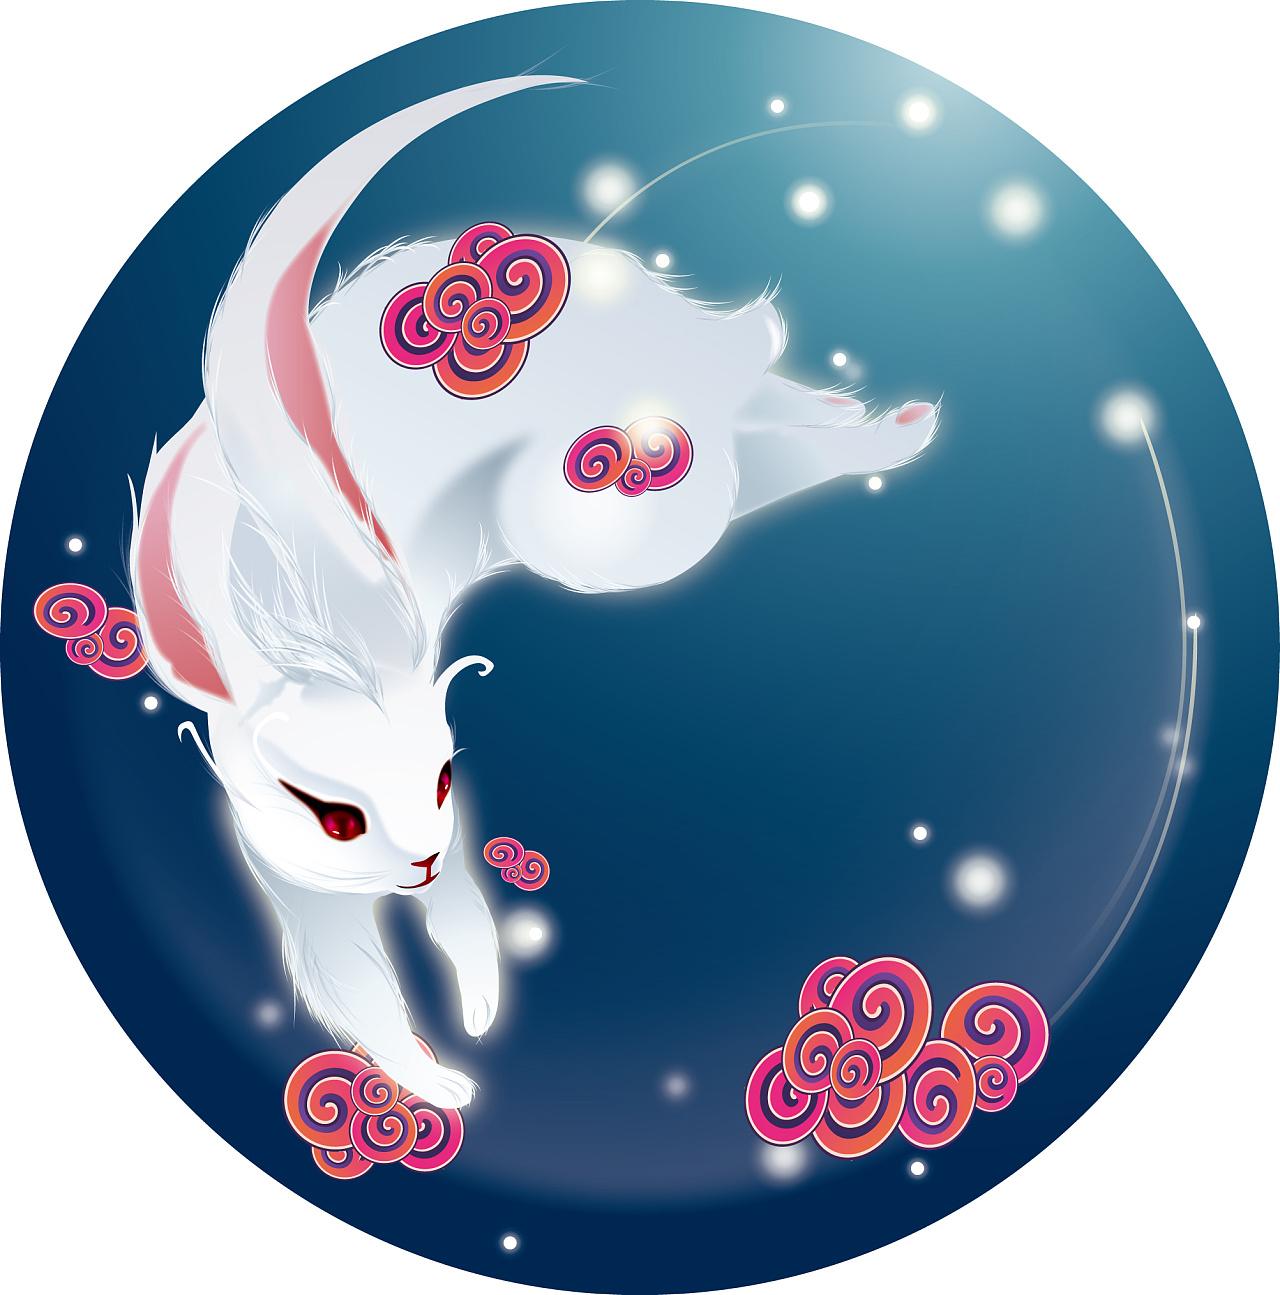 中秋节画的,临摹了网上的一幅图片